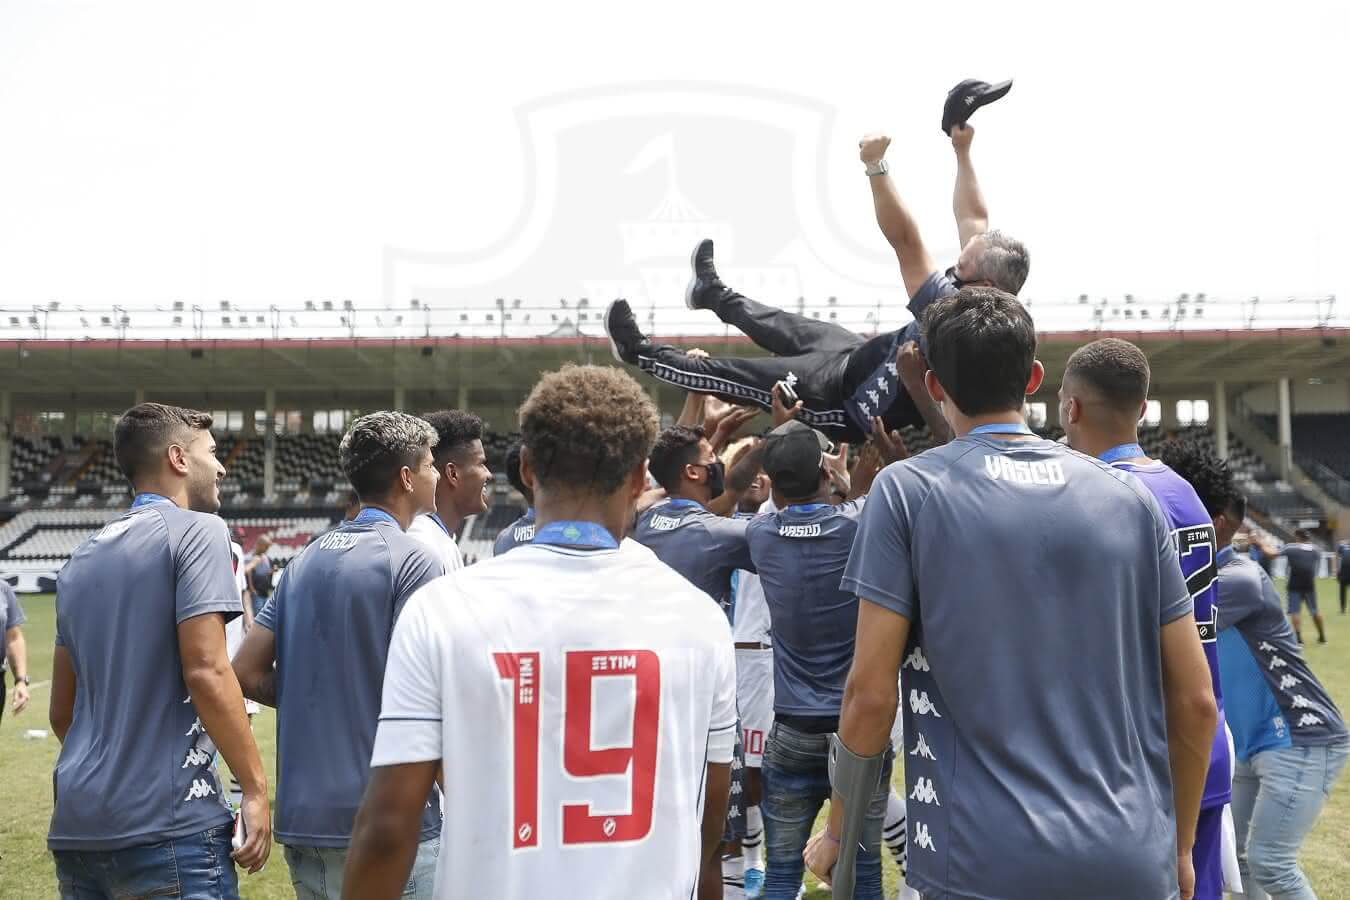 Comissão técnica festejam com Grasseli o título da Taça Guanabara